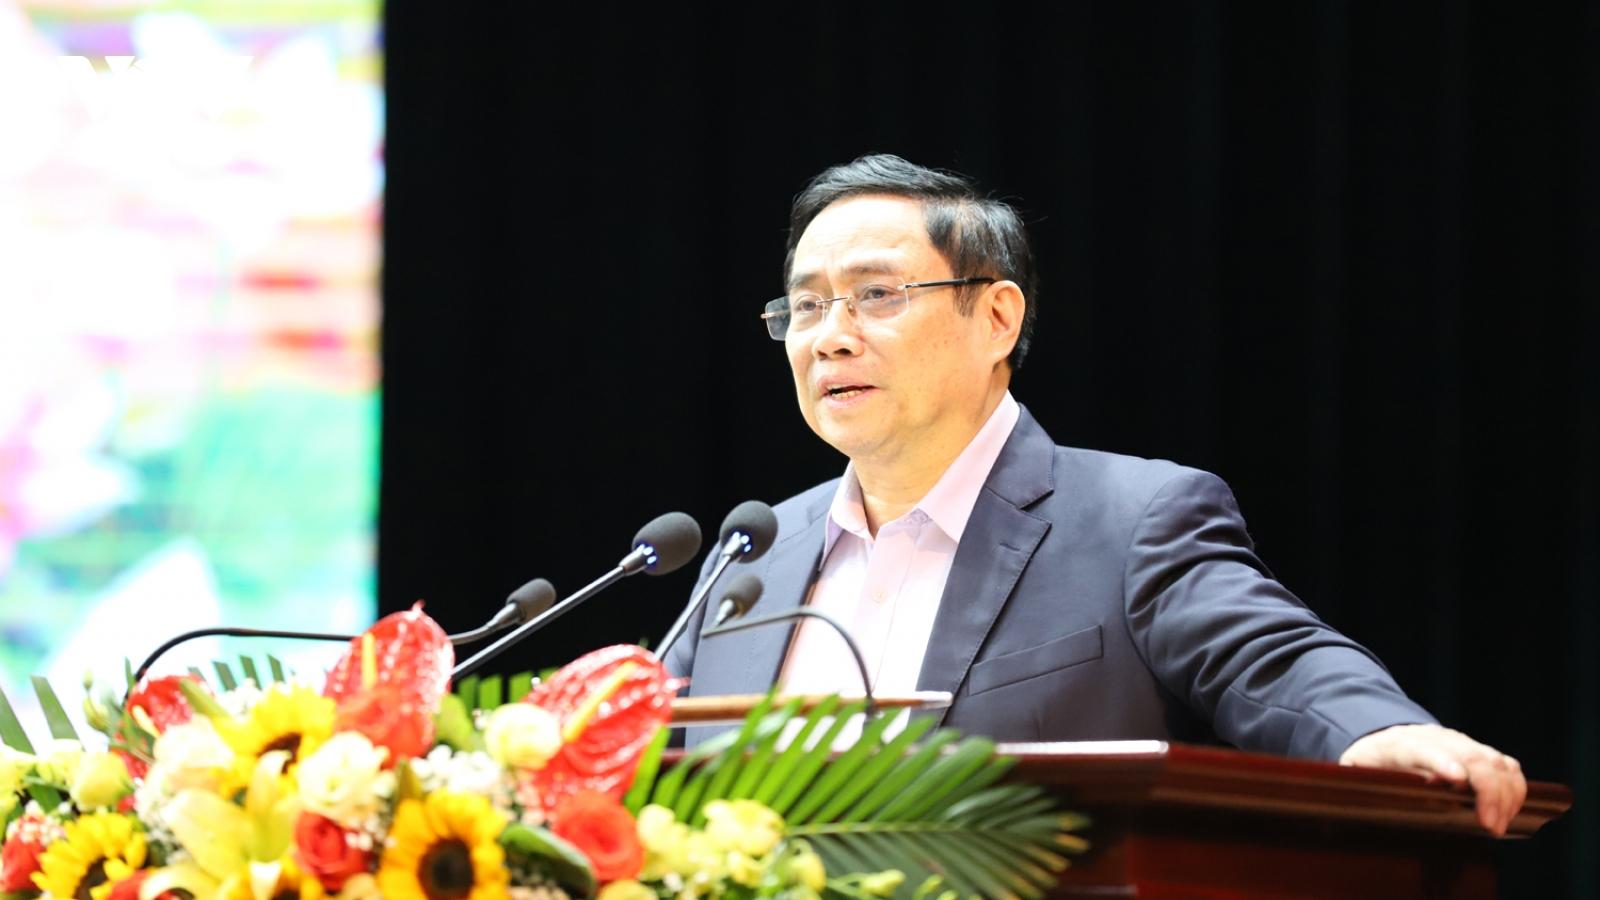 Trưởng Ban Tổ chức Trung ương Phạm Minh Chính tặng quà công nhân, người lao động ở Sơn La